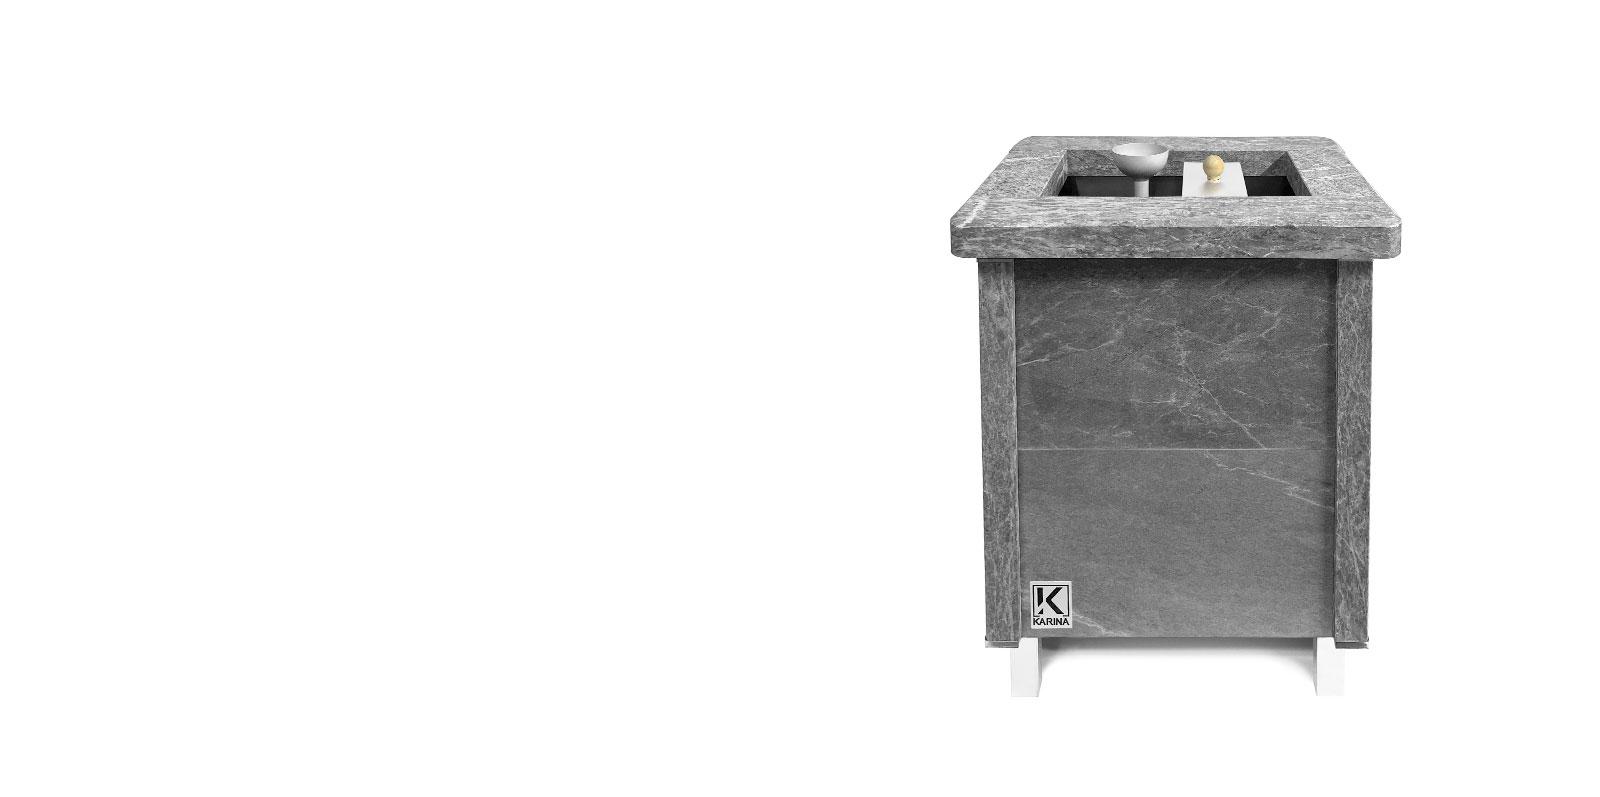 Электрическая печь KARINA Quadro 4,5 Талькохлорит